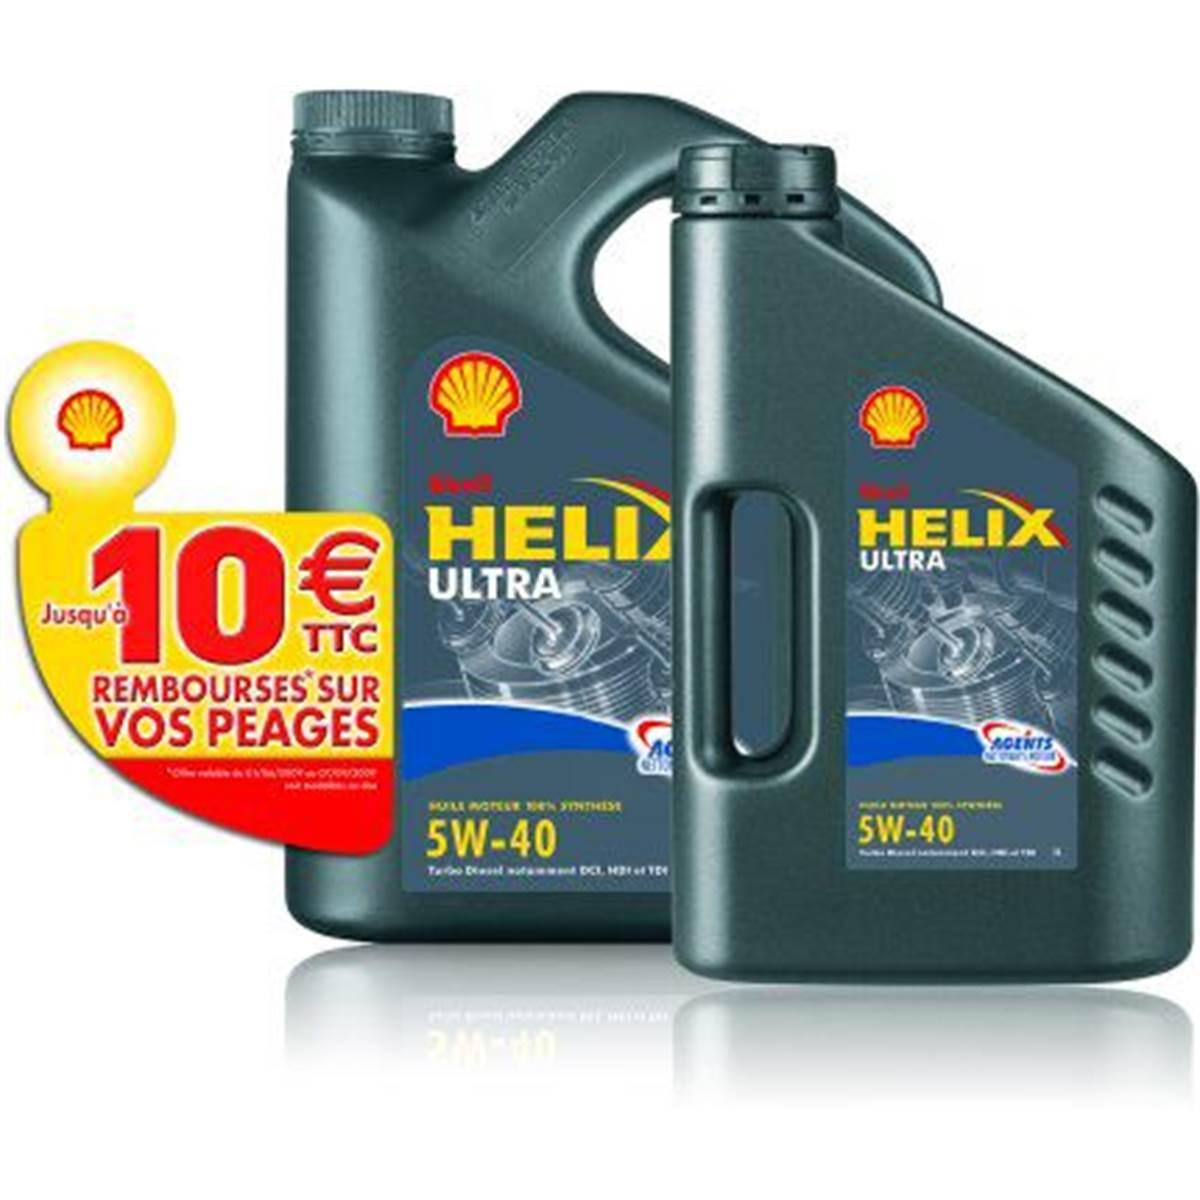 Huile synthèse essence Shell : lot 5L + 2L + 10E de péage remboursés